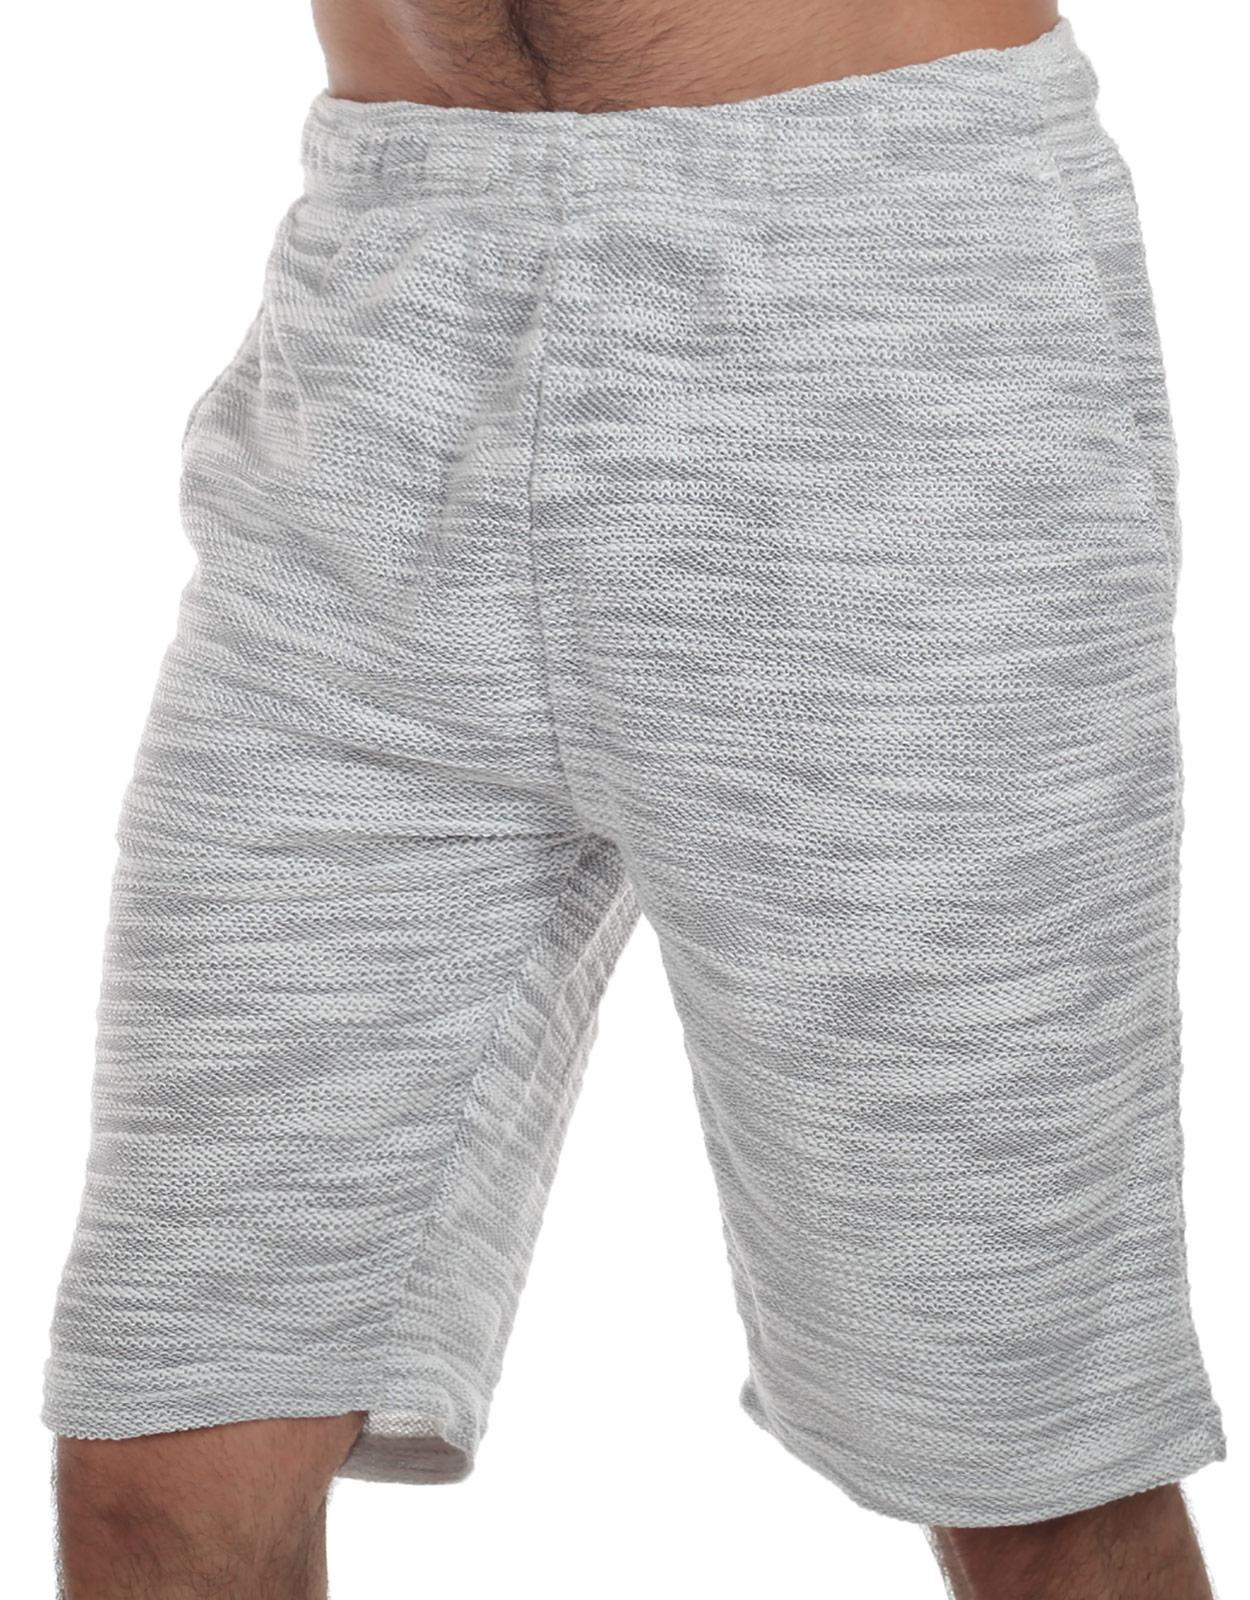 Купить недорого мужские шорты для дома